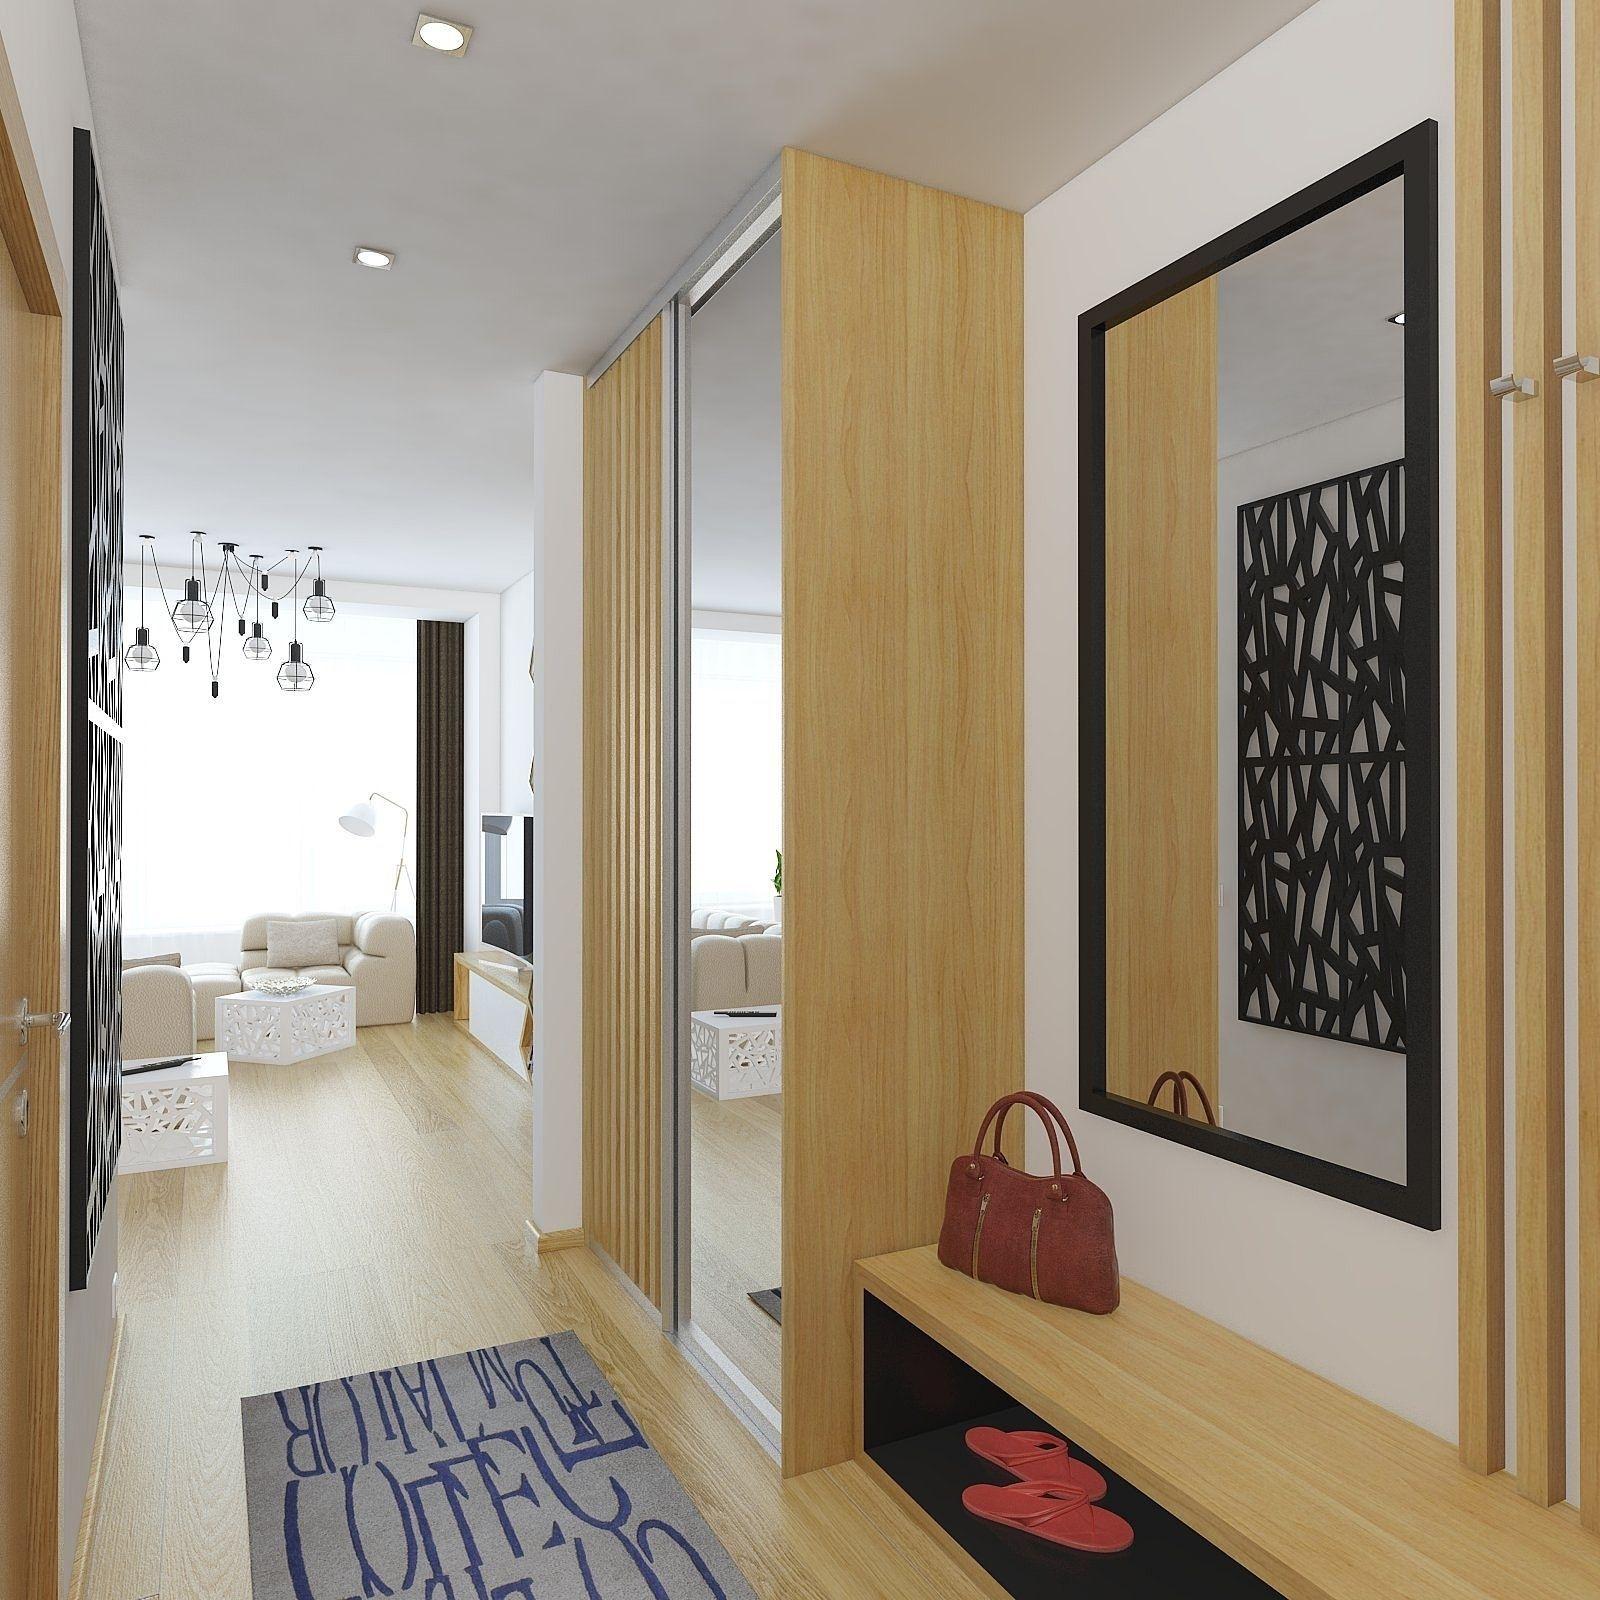 Cozy apartment living room design -  Cozy Apartment Living Room 3d Model Max Obj 3ds Fbx Stl Skp 4